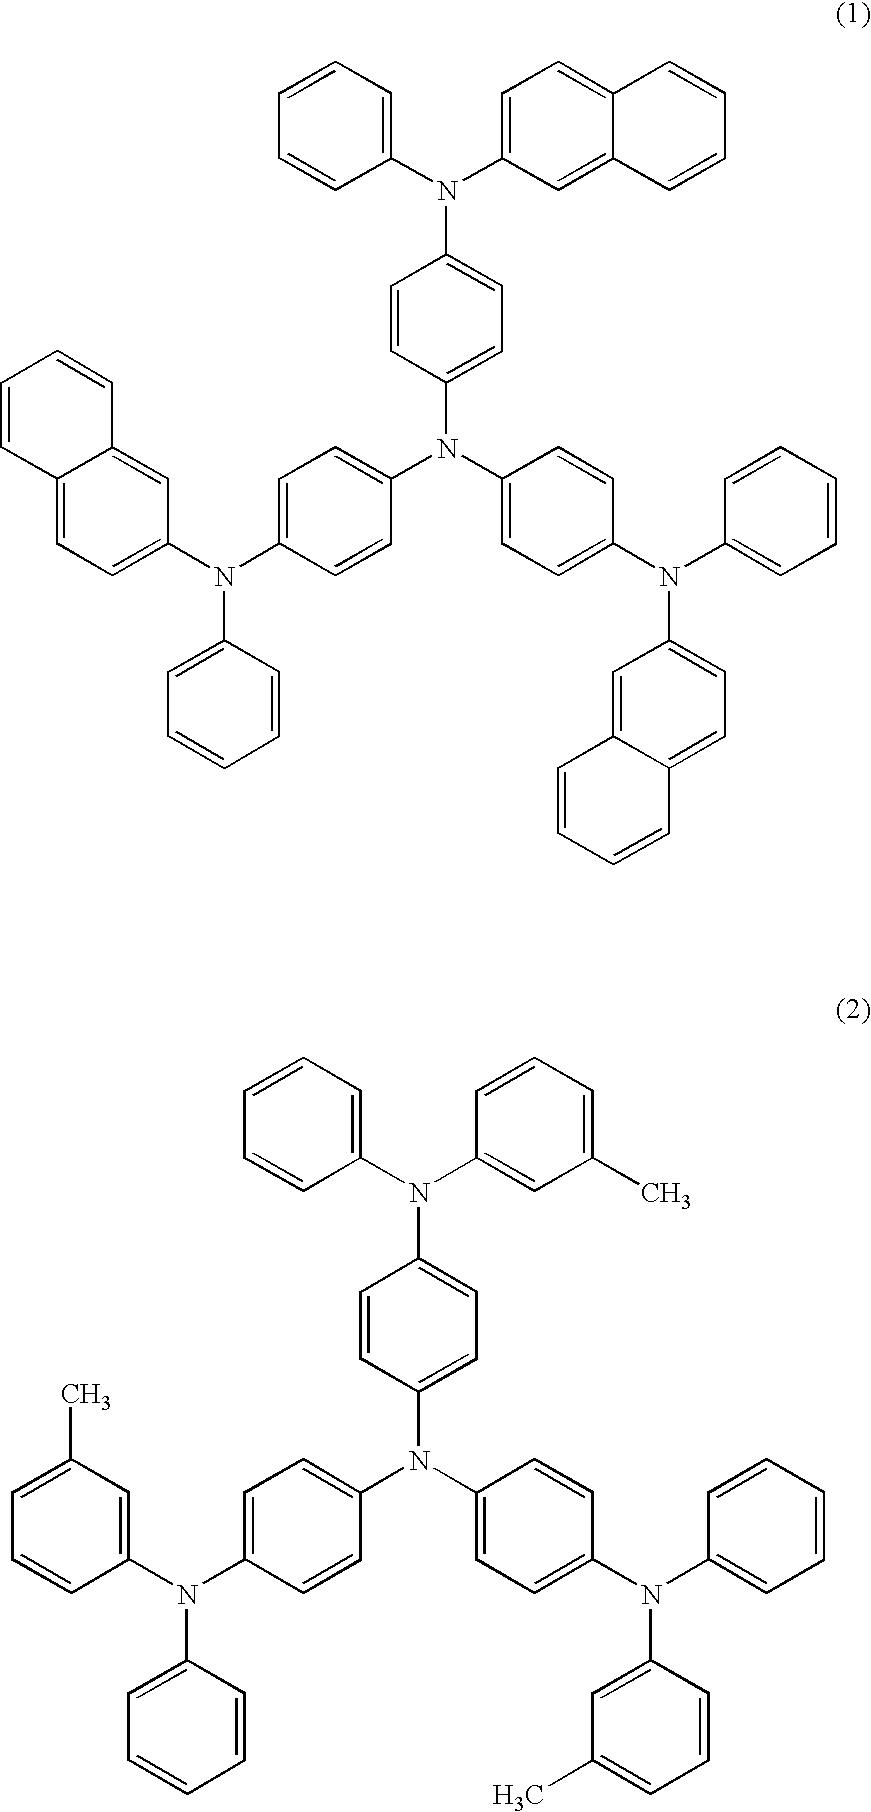 Figure US20050122038A1-20050609-C00001